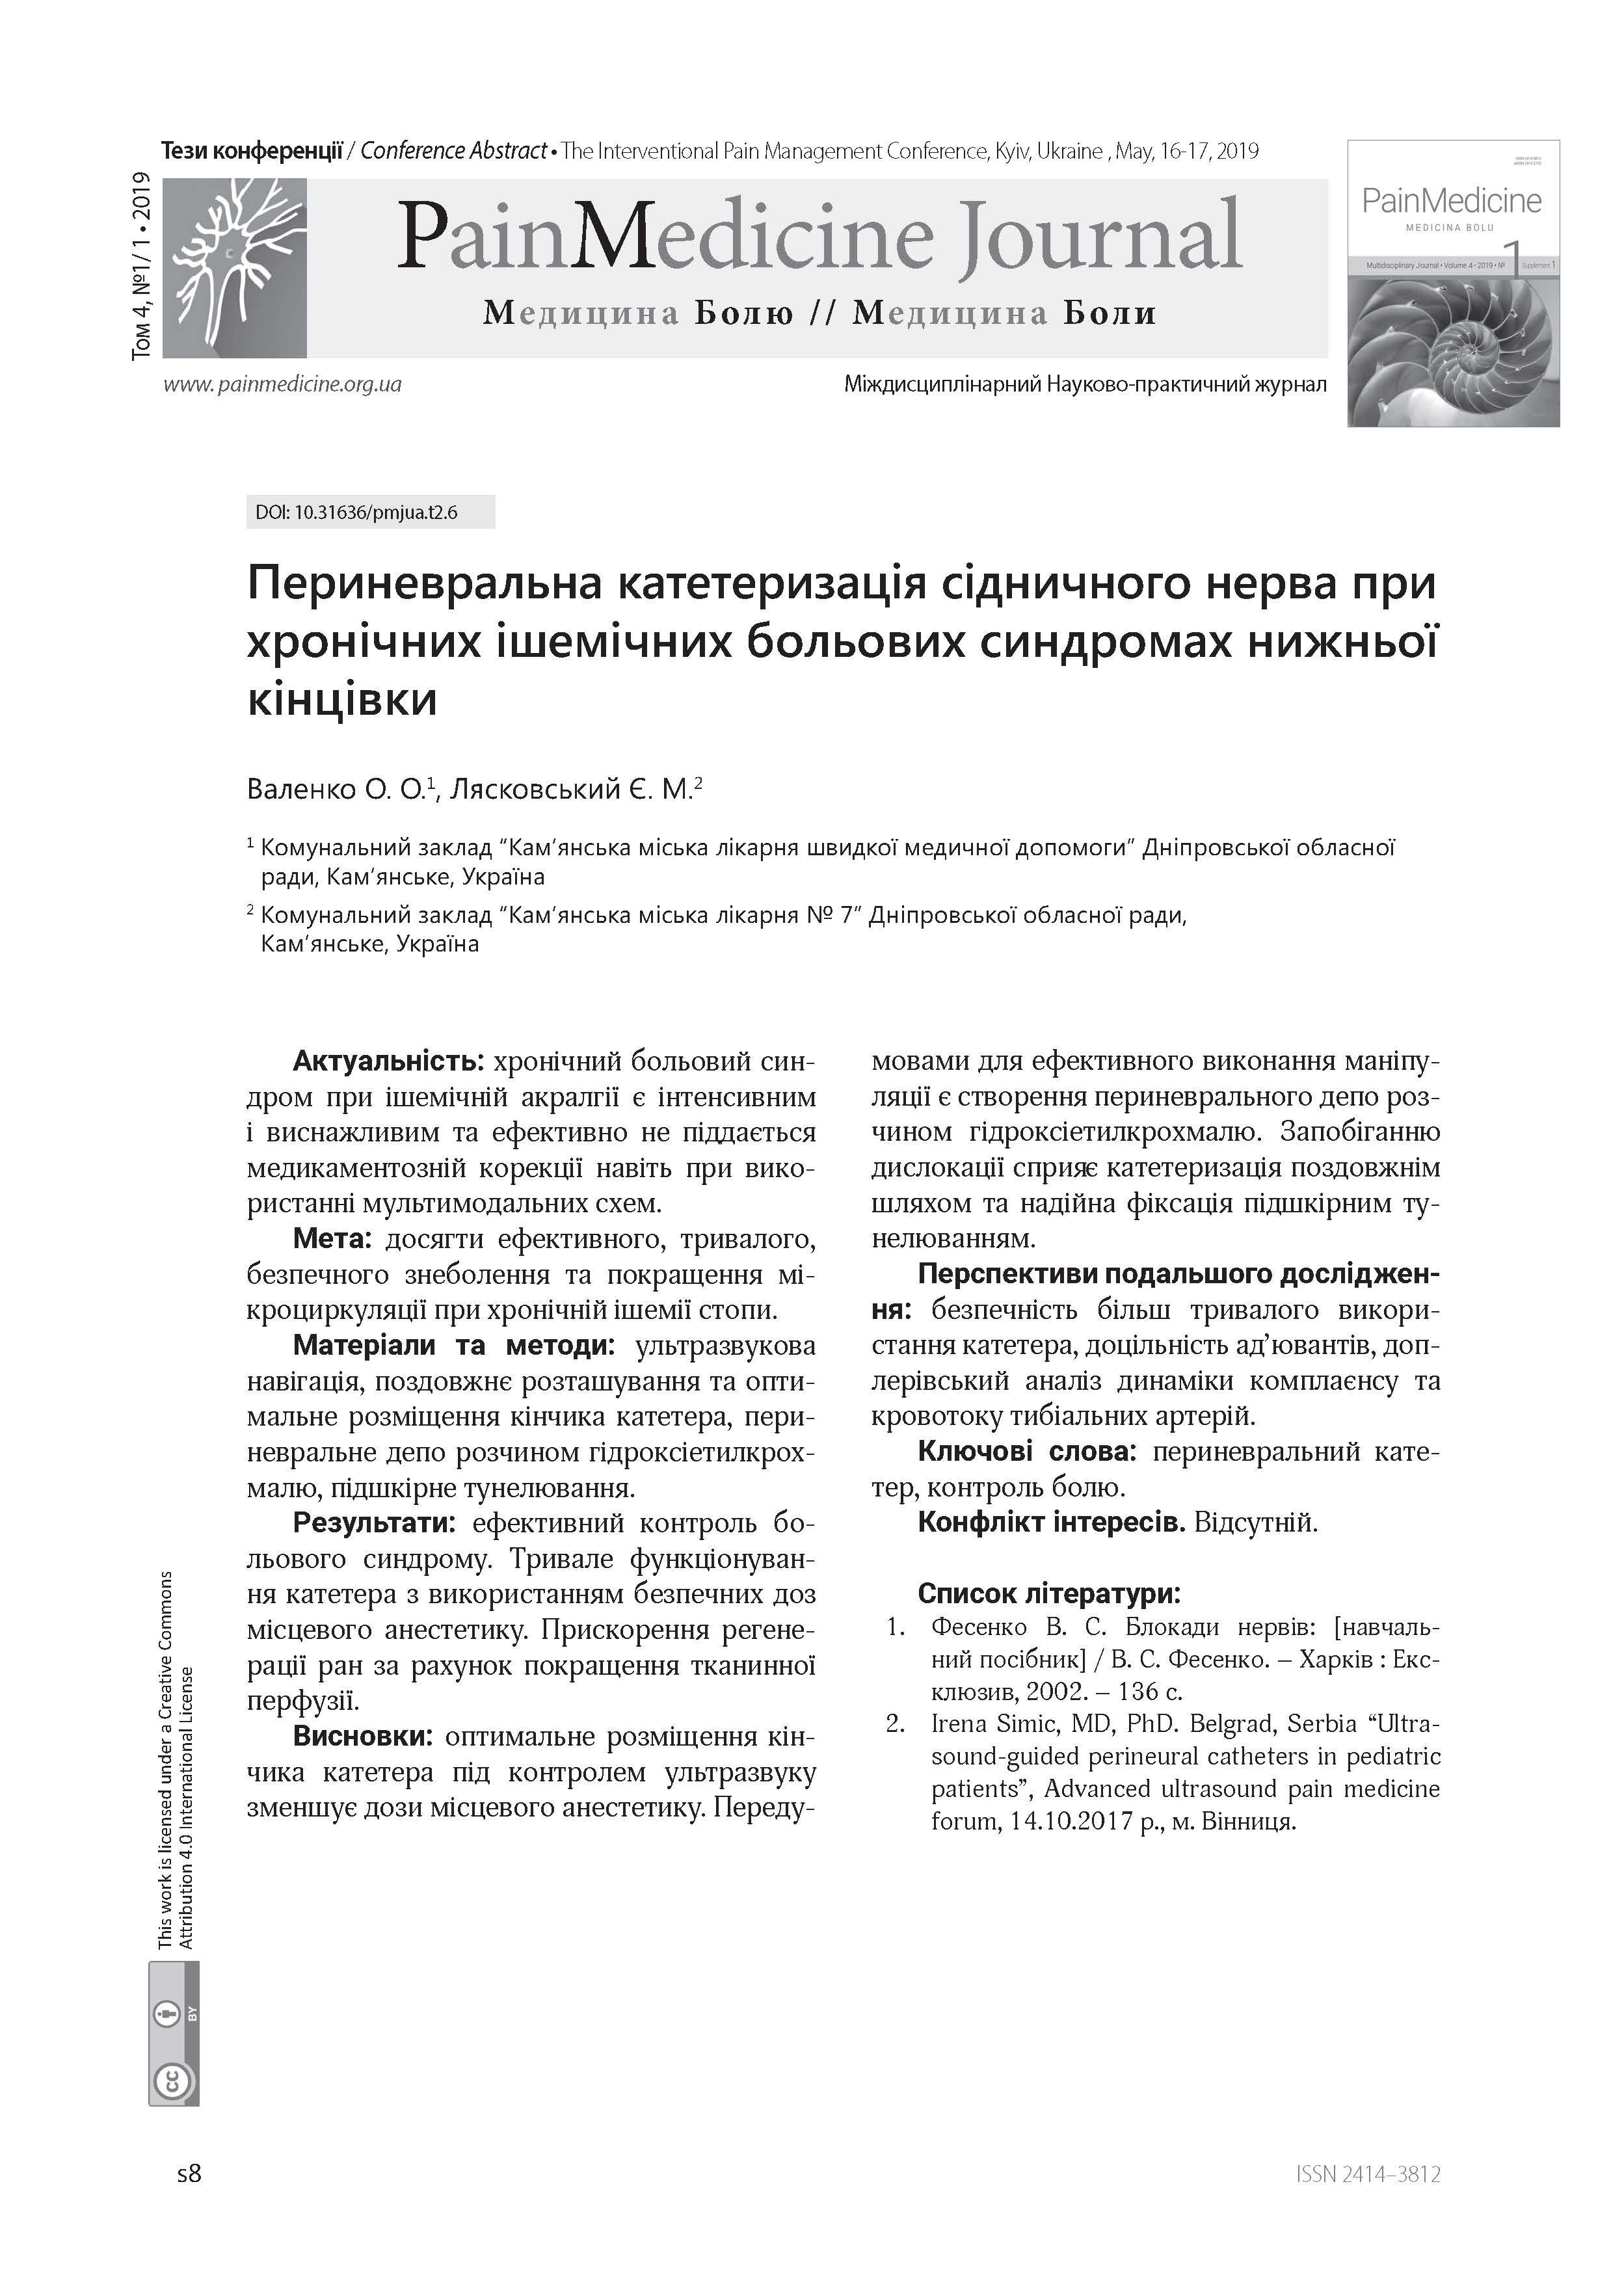 Периневральна катетеризація сідничного нерва при хронічних ішемічних больових синдромах нижньої кінцівки